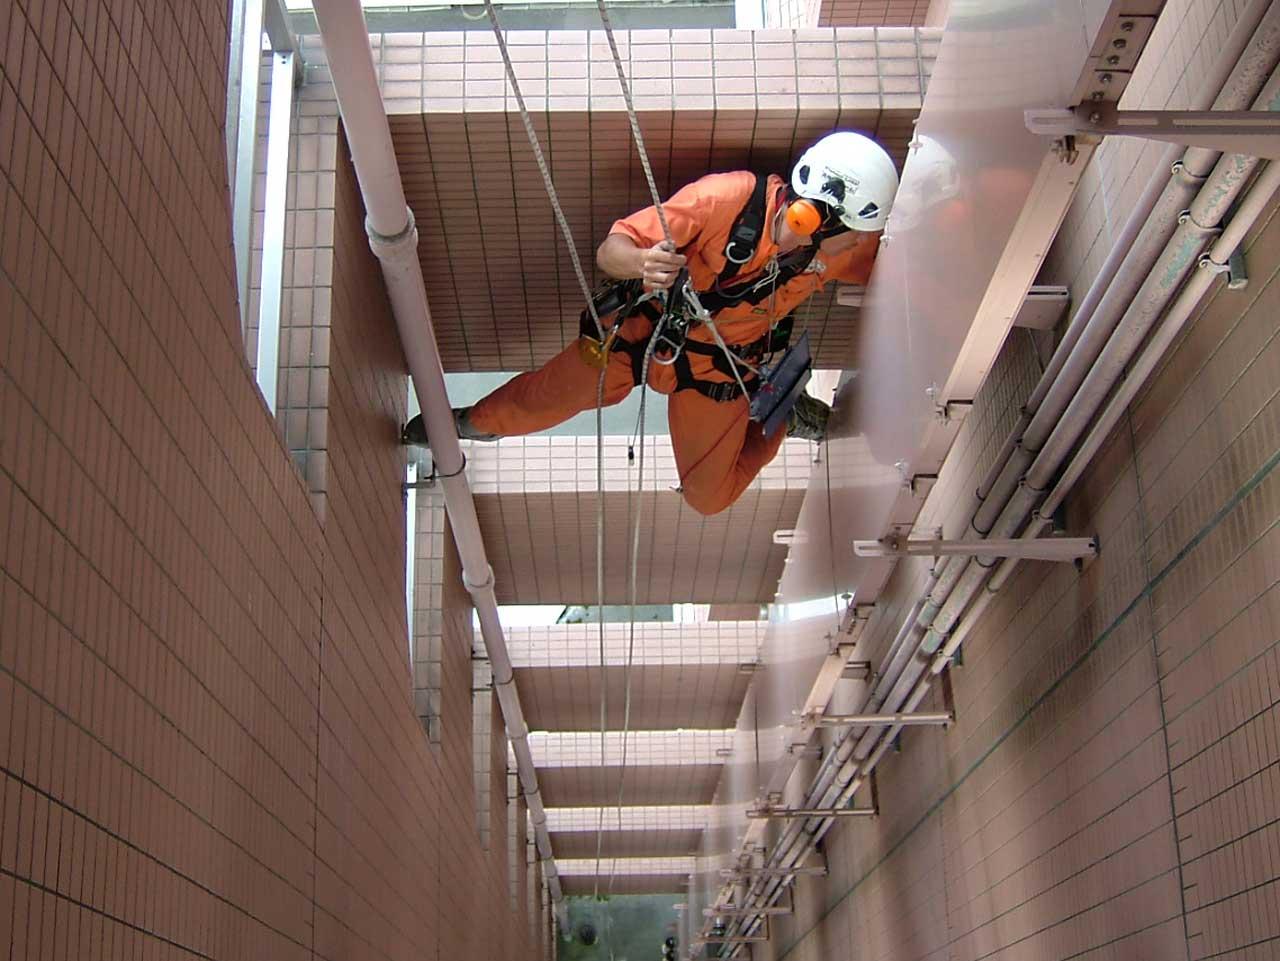 ロープアクセス技術を活用した狭所の高所作業